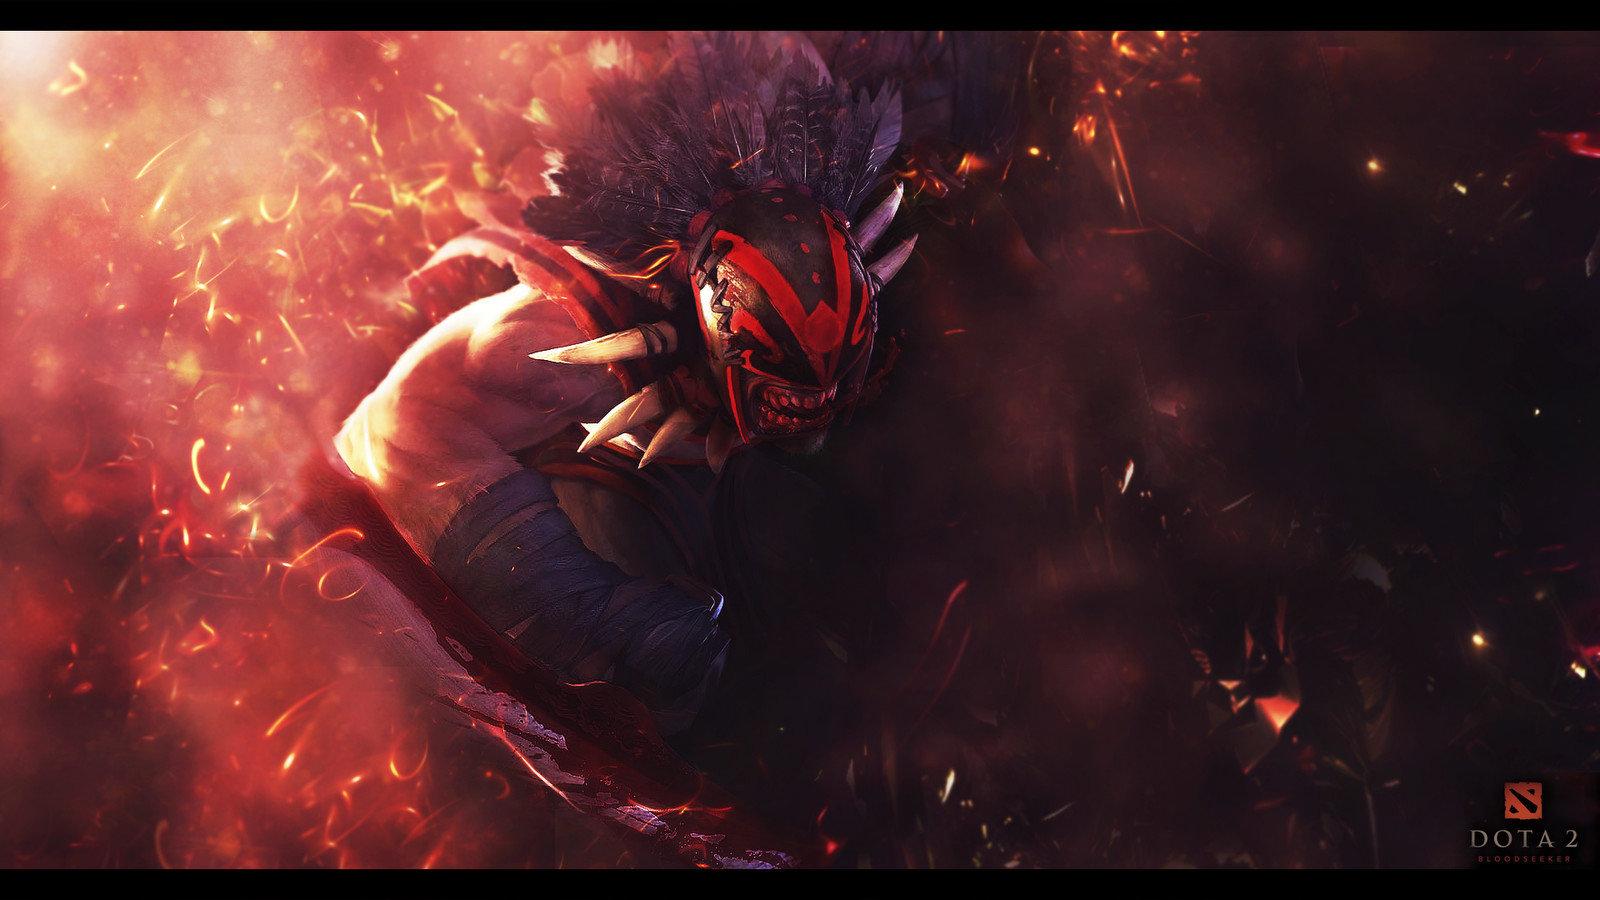 Dota 2 Bloodseeker , HD Wallpaper & Backgrounds